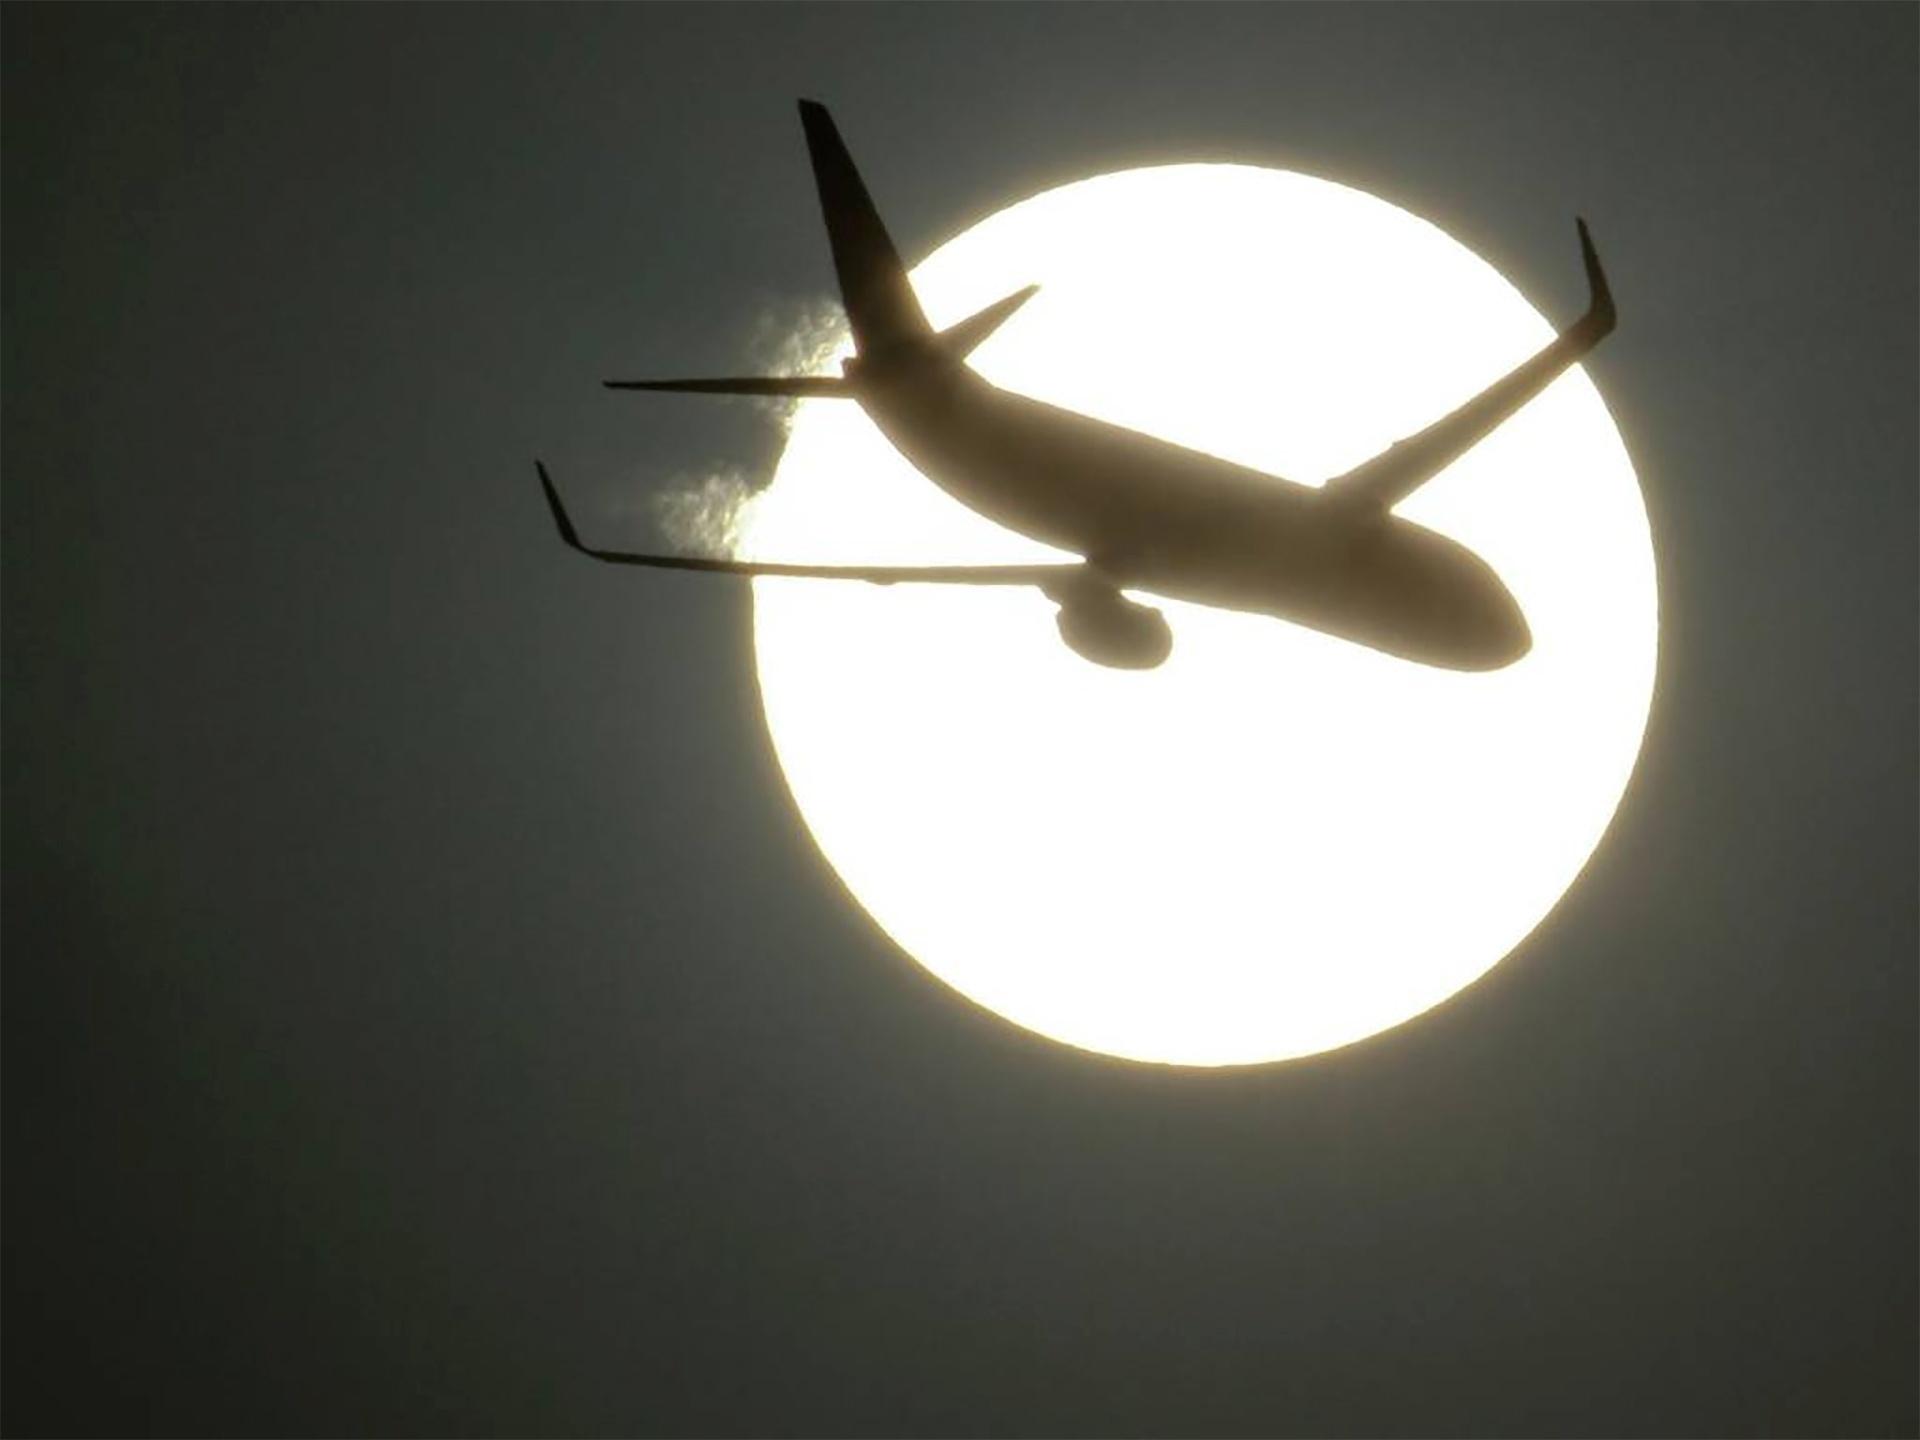 4e50fabc3e1 Tem voo no fim de semana  Fique atento ao fim do horário de verão -  16 02 2019 - UOL Economia